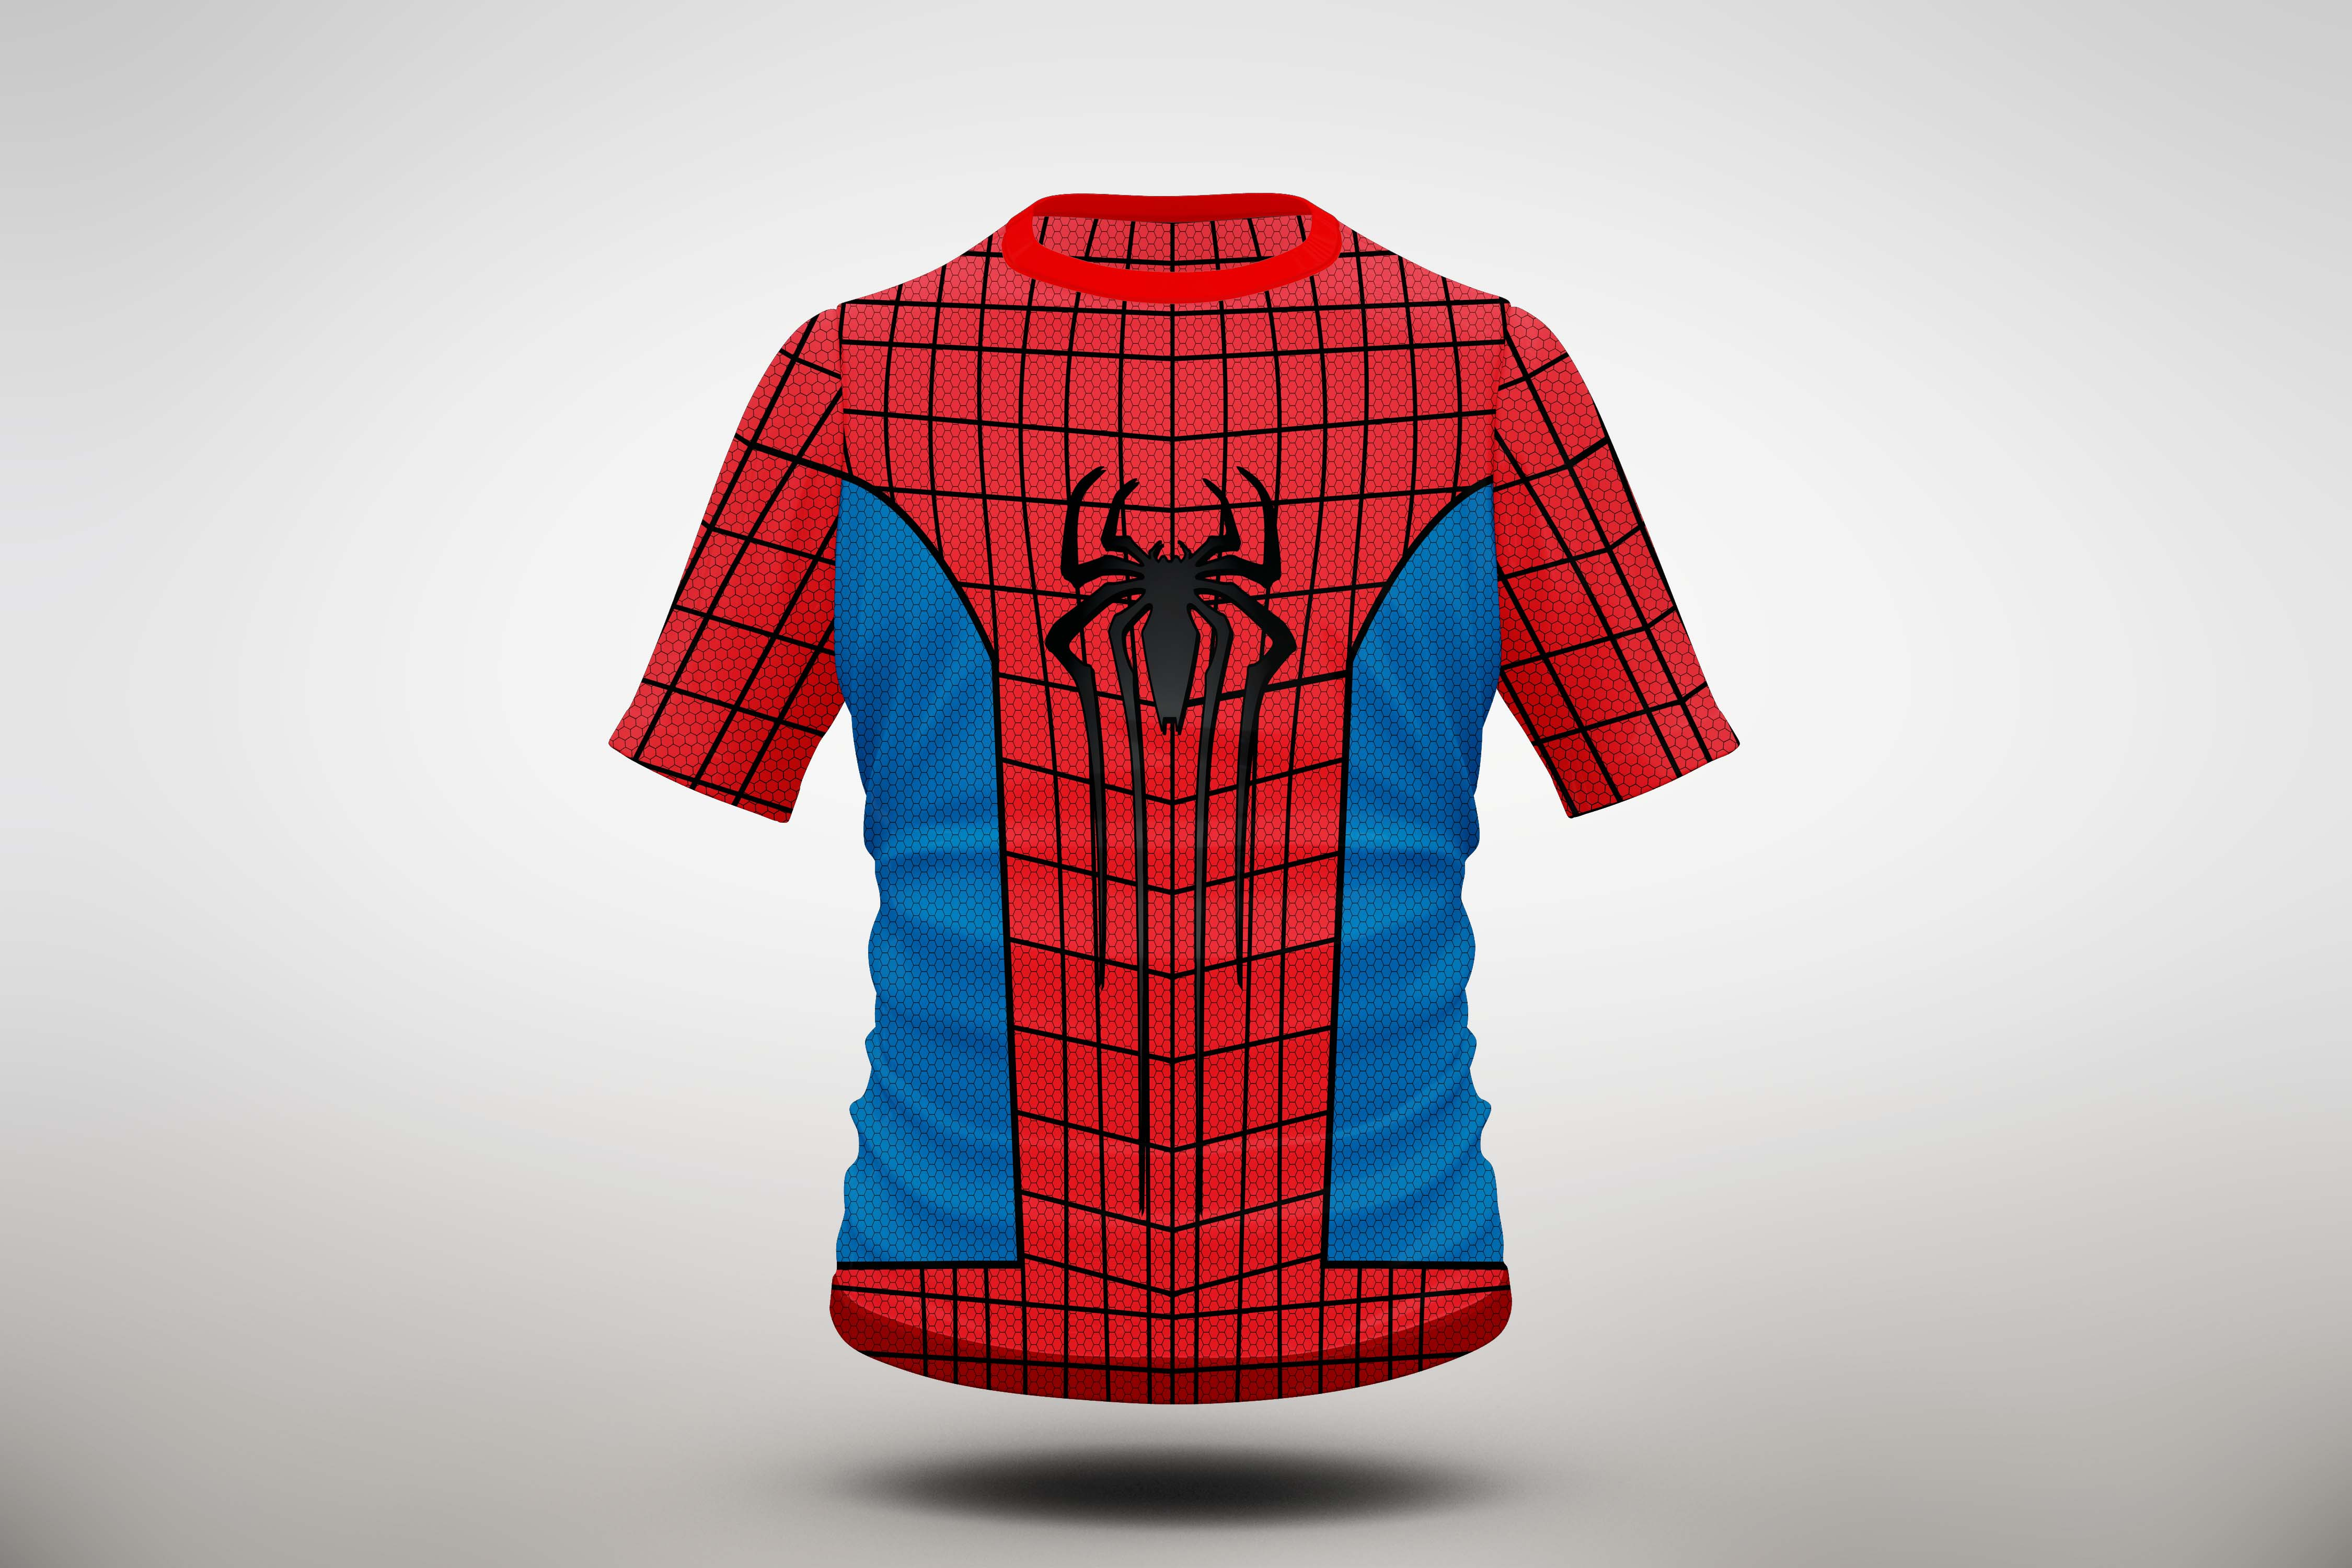 Camiseta Regata Super Herois  c028fb6134b